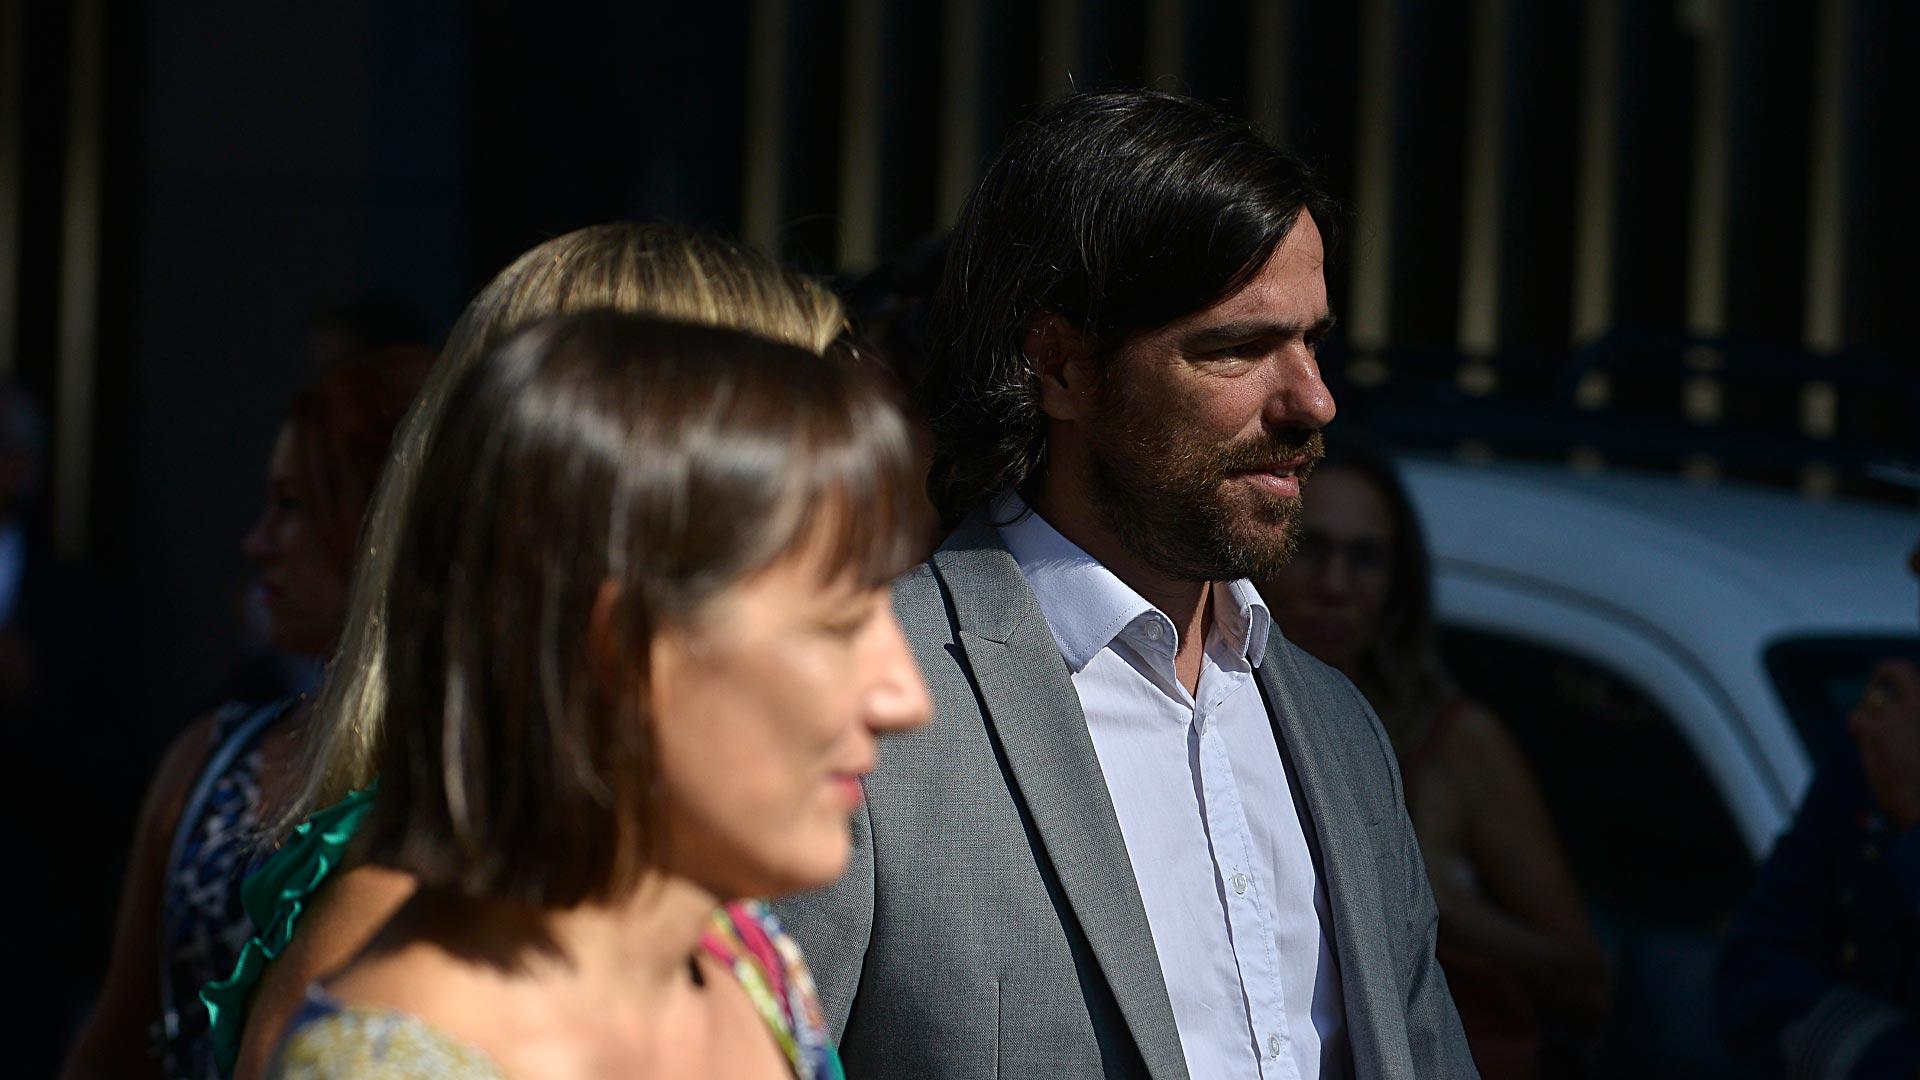 Nicolás del Caño, Romina Del Plá y Myriam Bregman, tres referentes de los sectores de izquierda